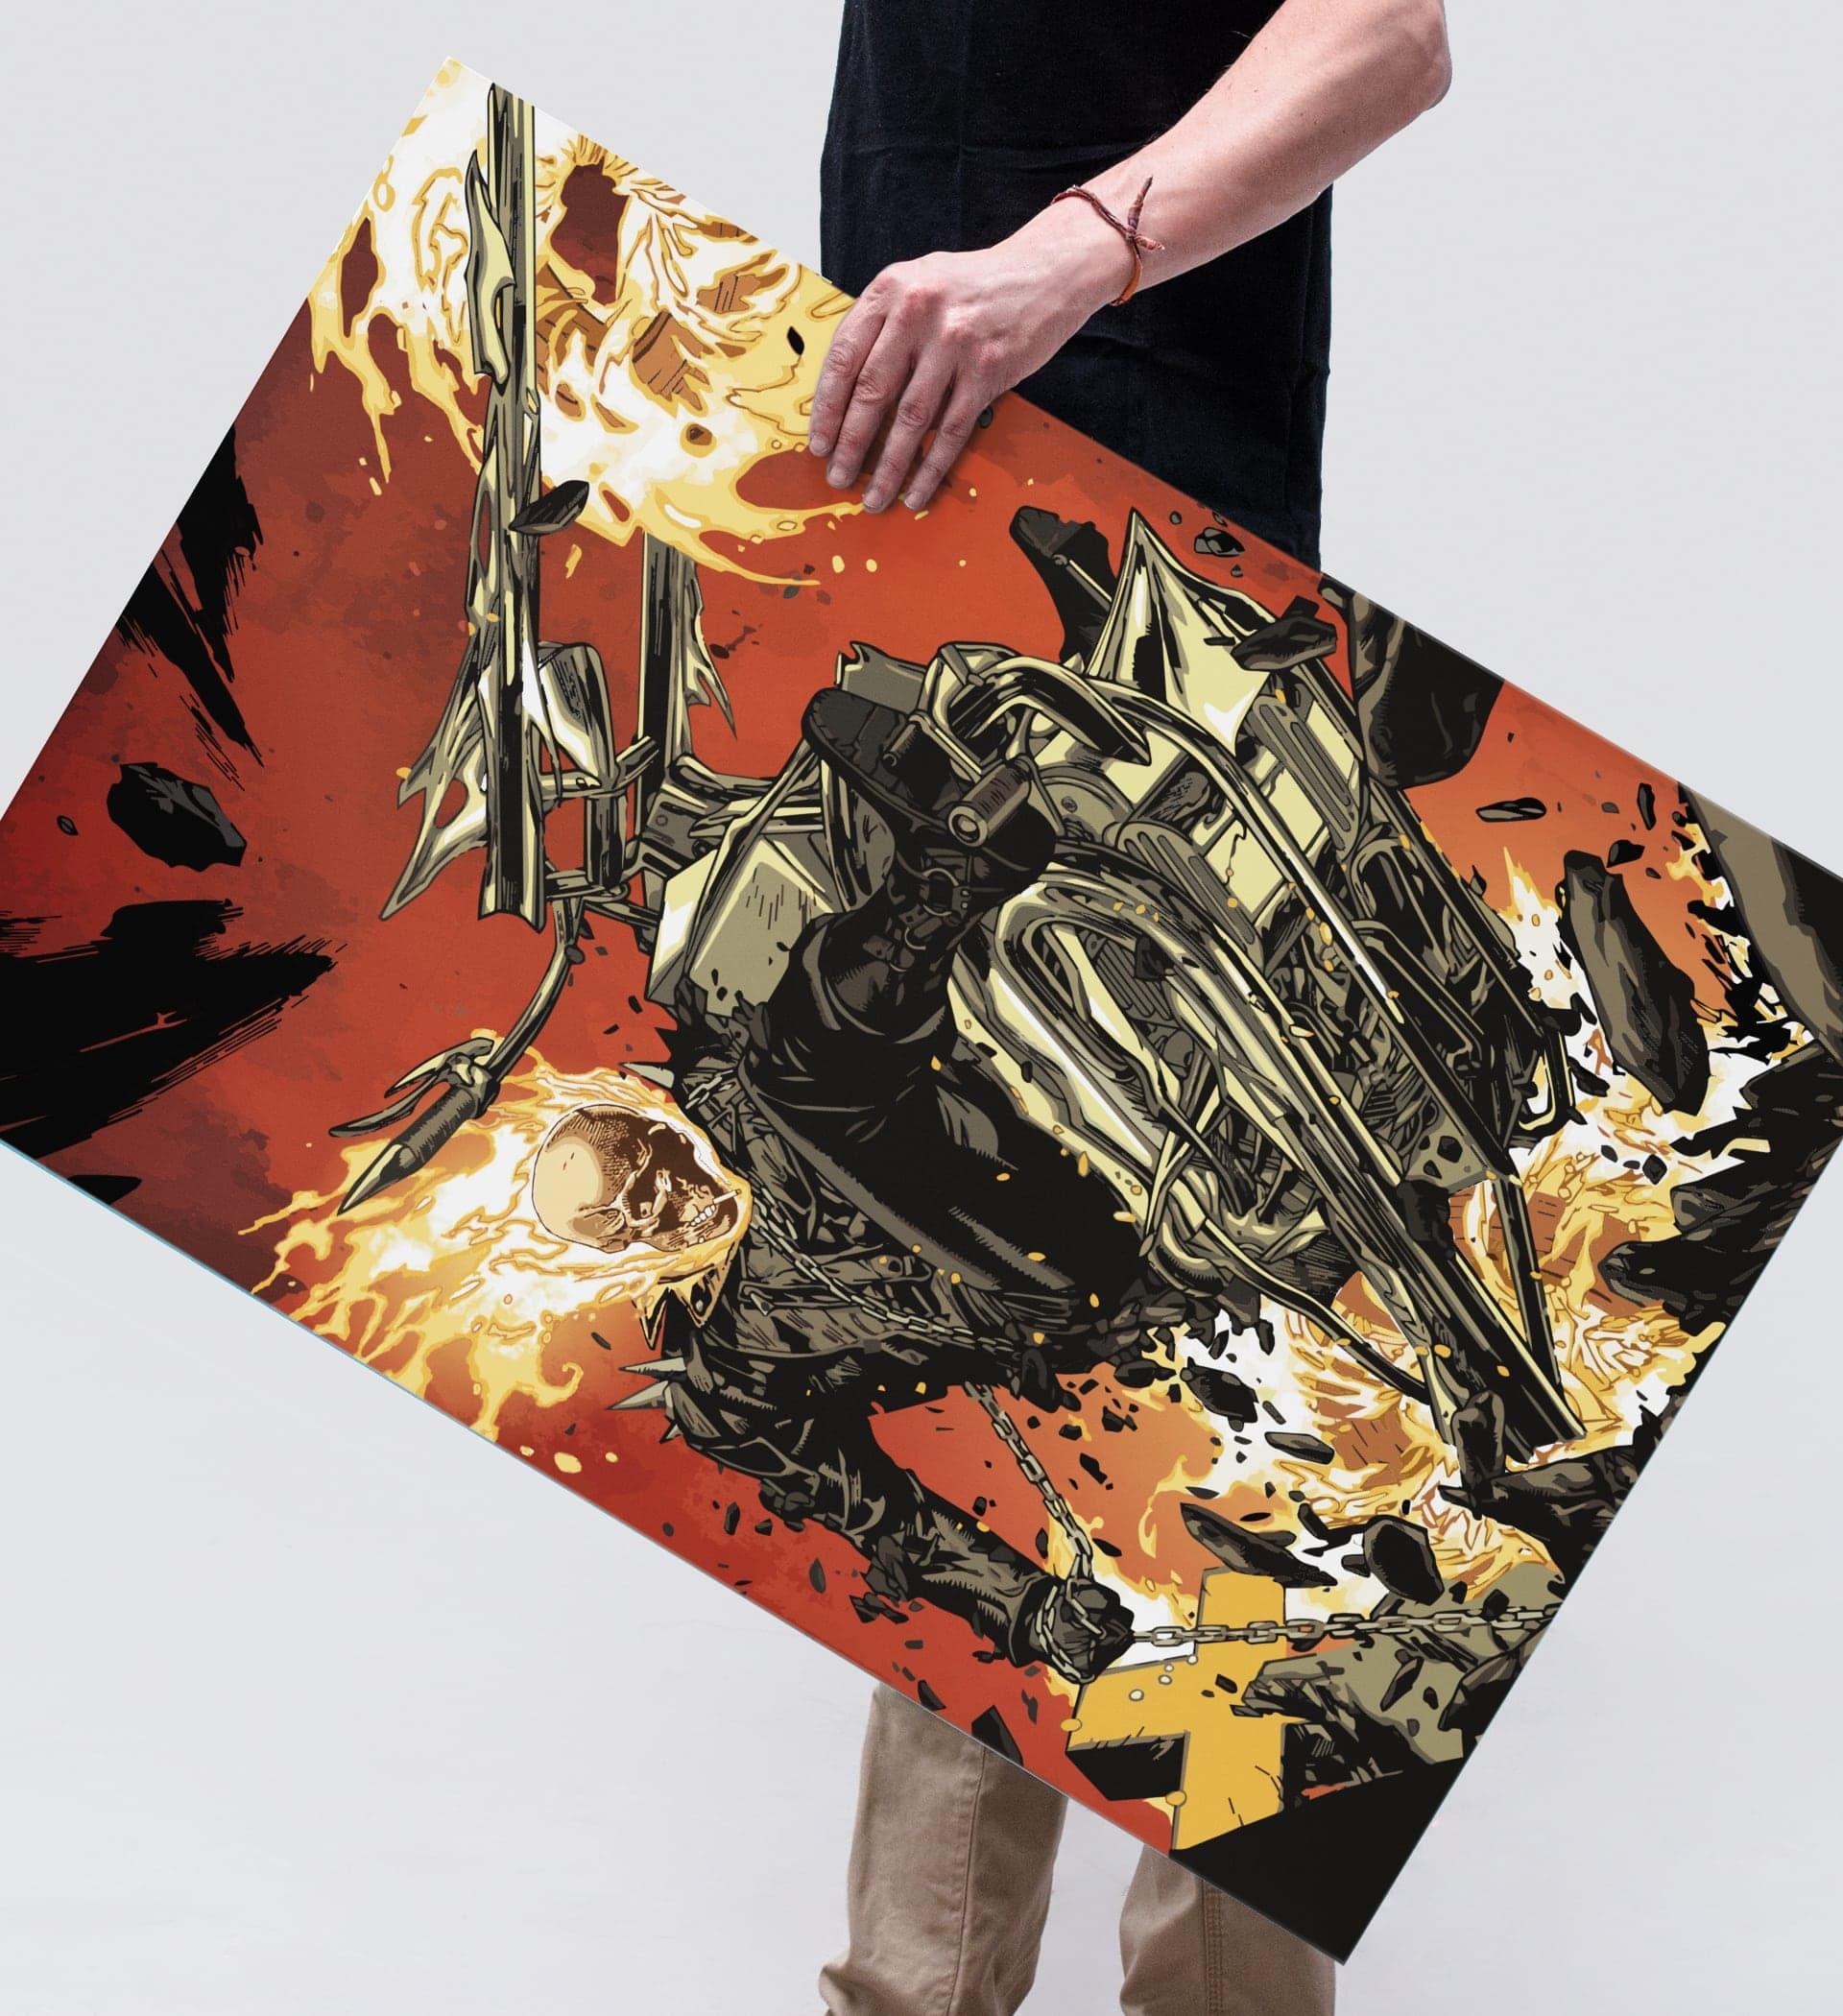 Ghostrider Illustration